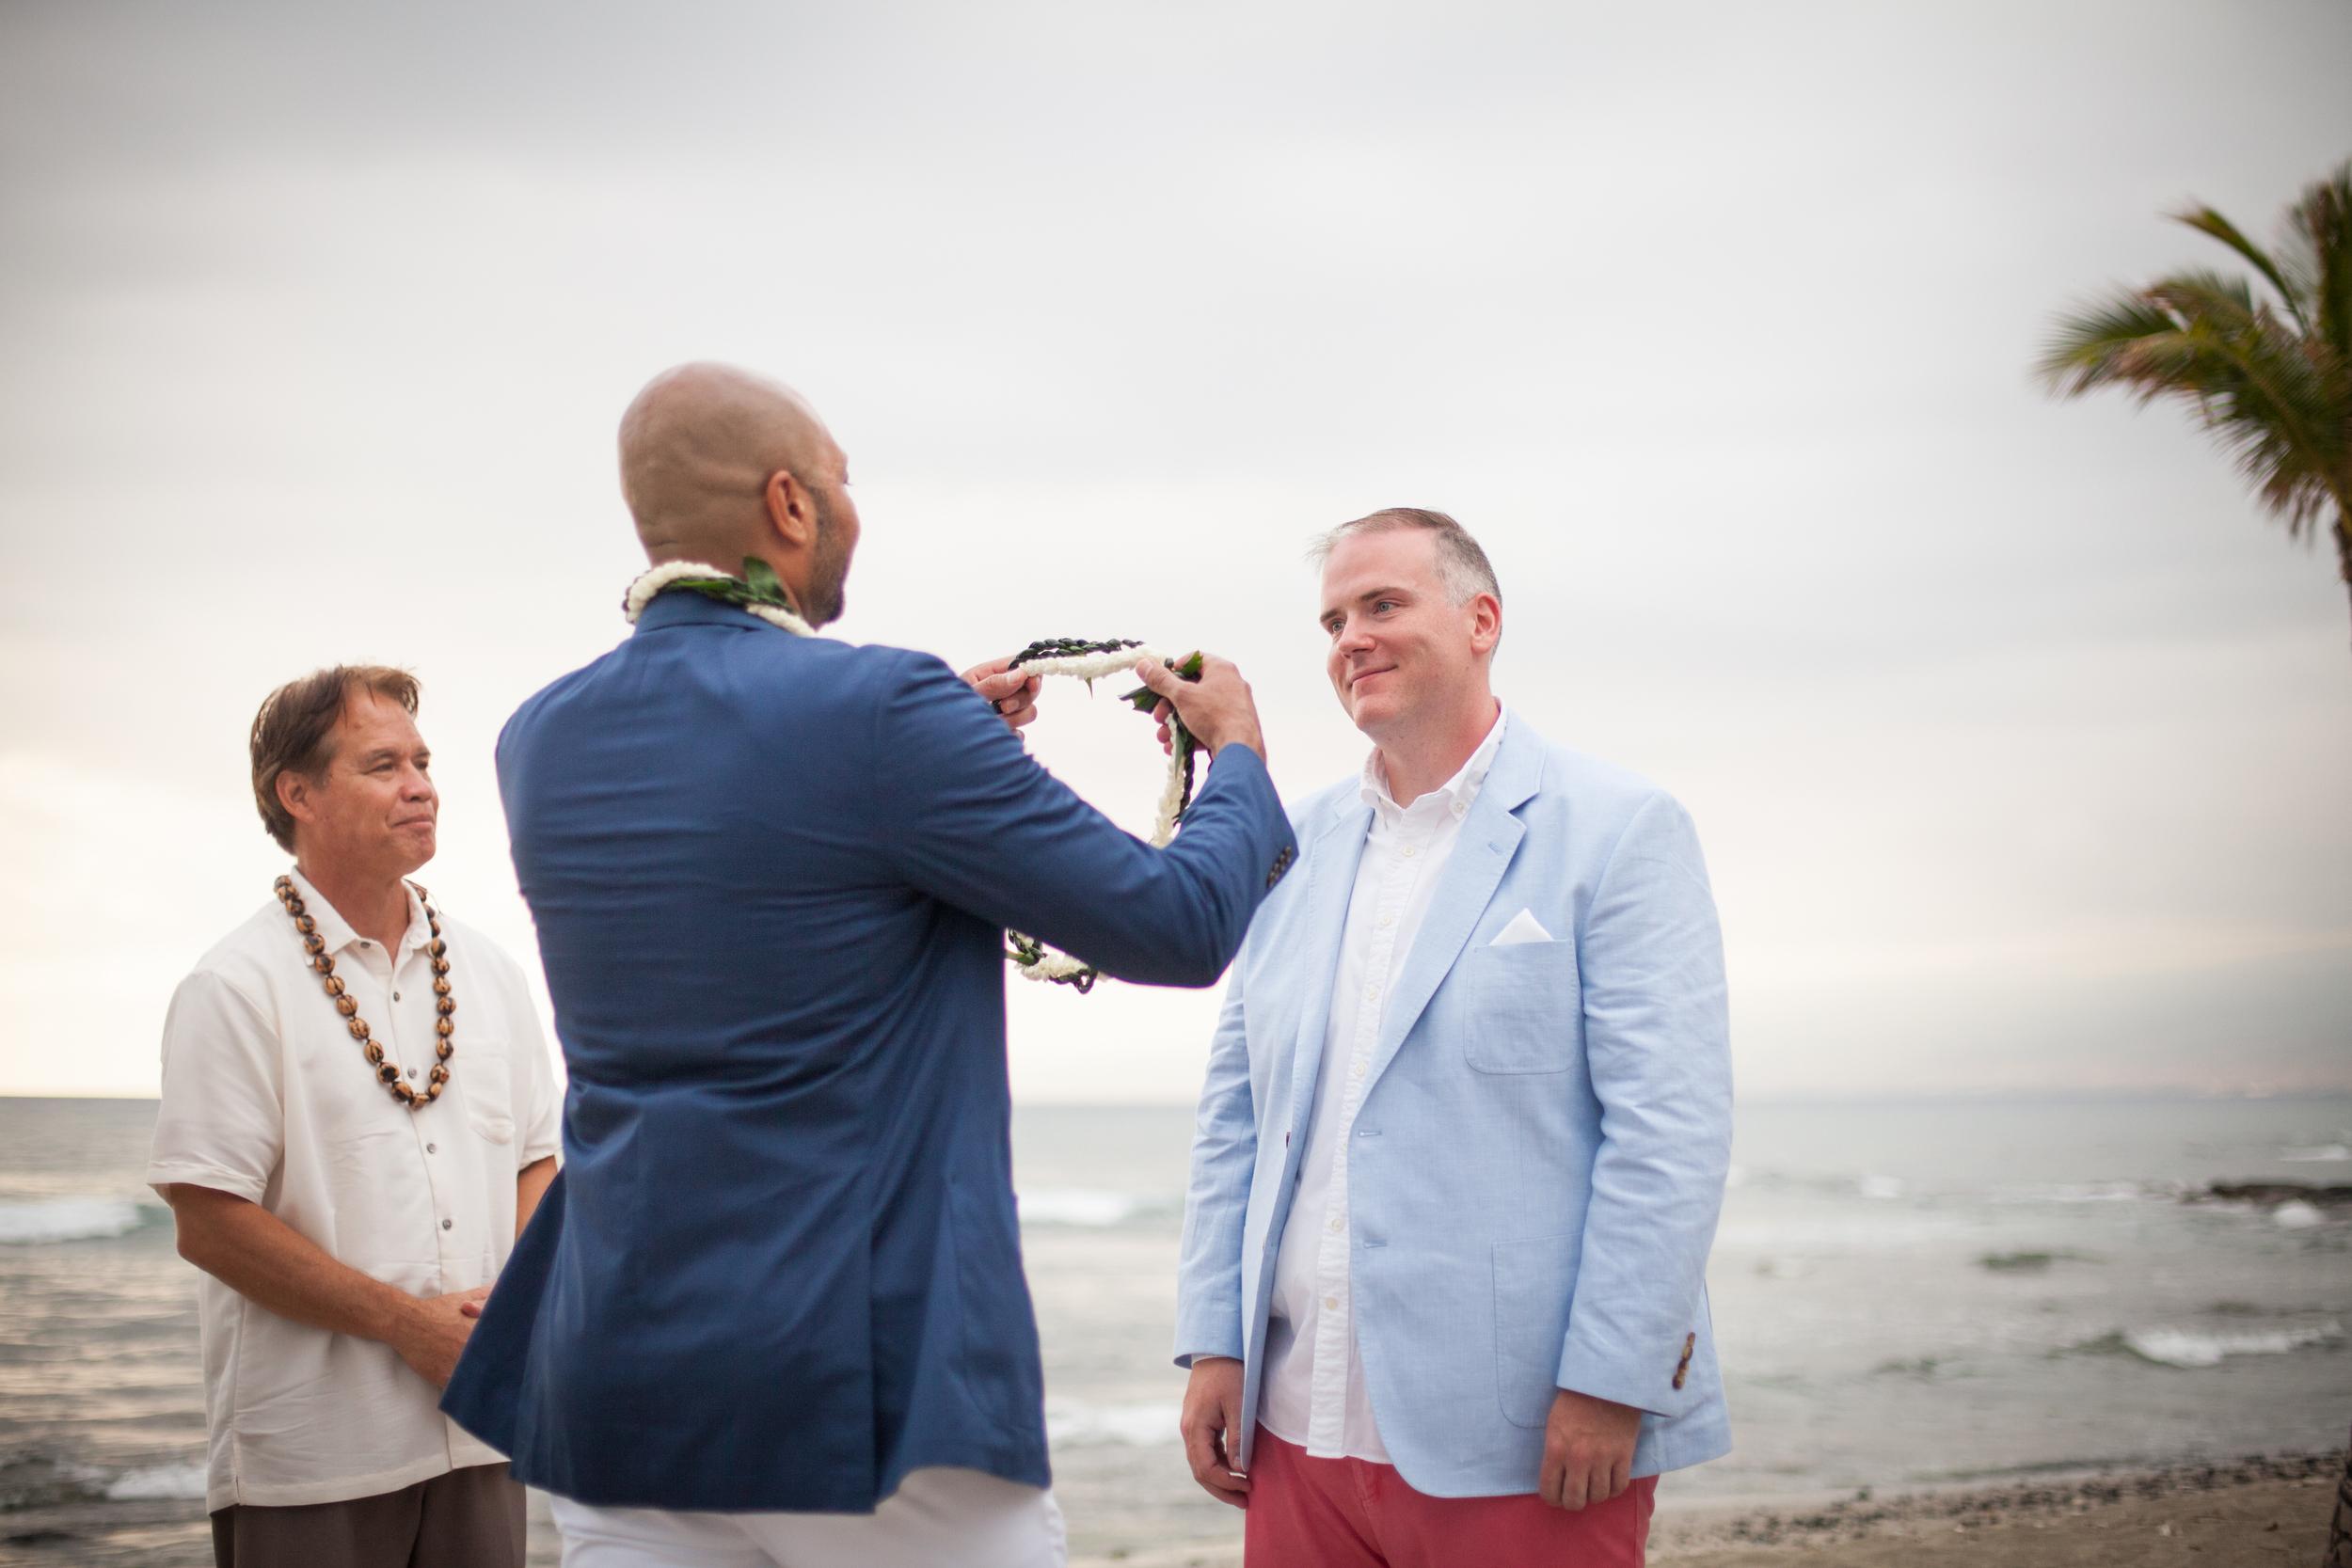 big island hawaii rmauna lani beach wedding © kelilina photography 20160601182429-3.jpg